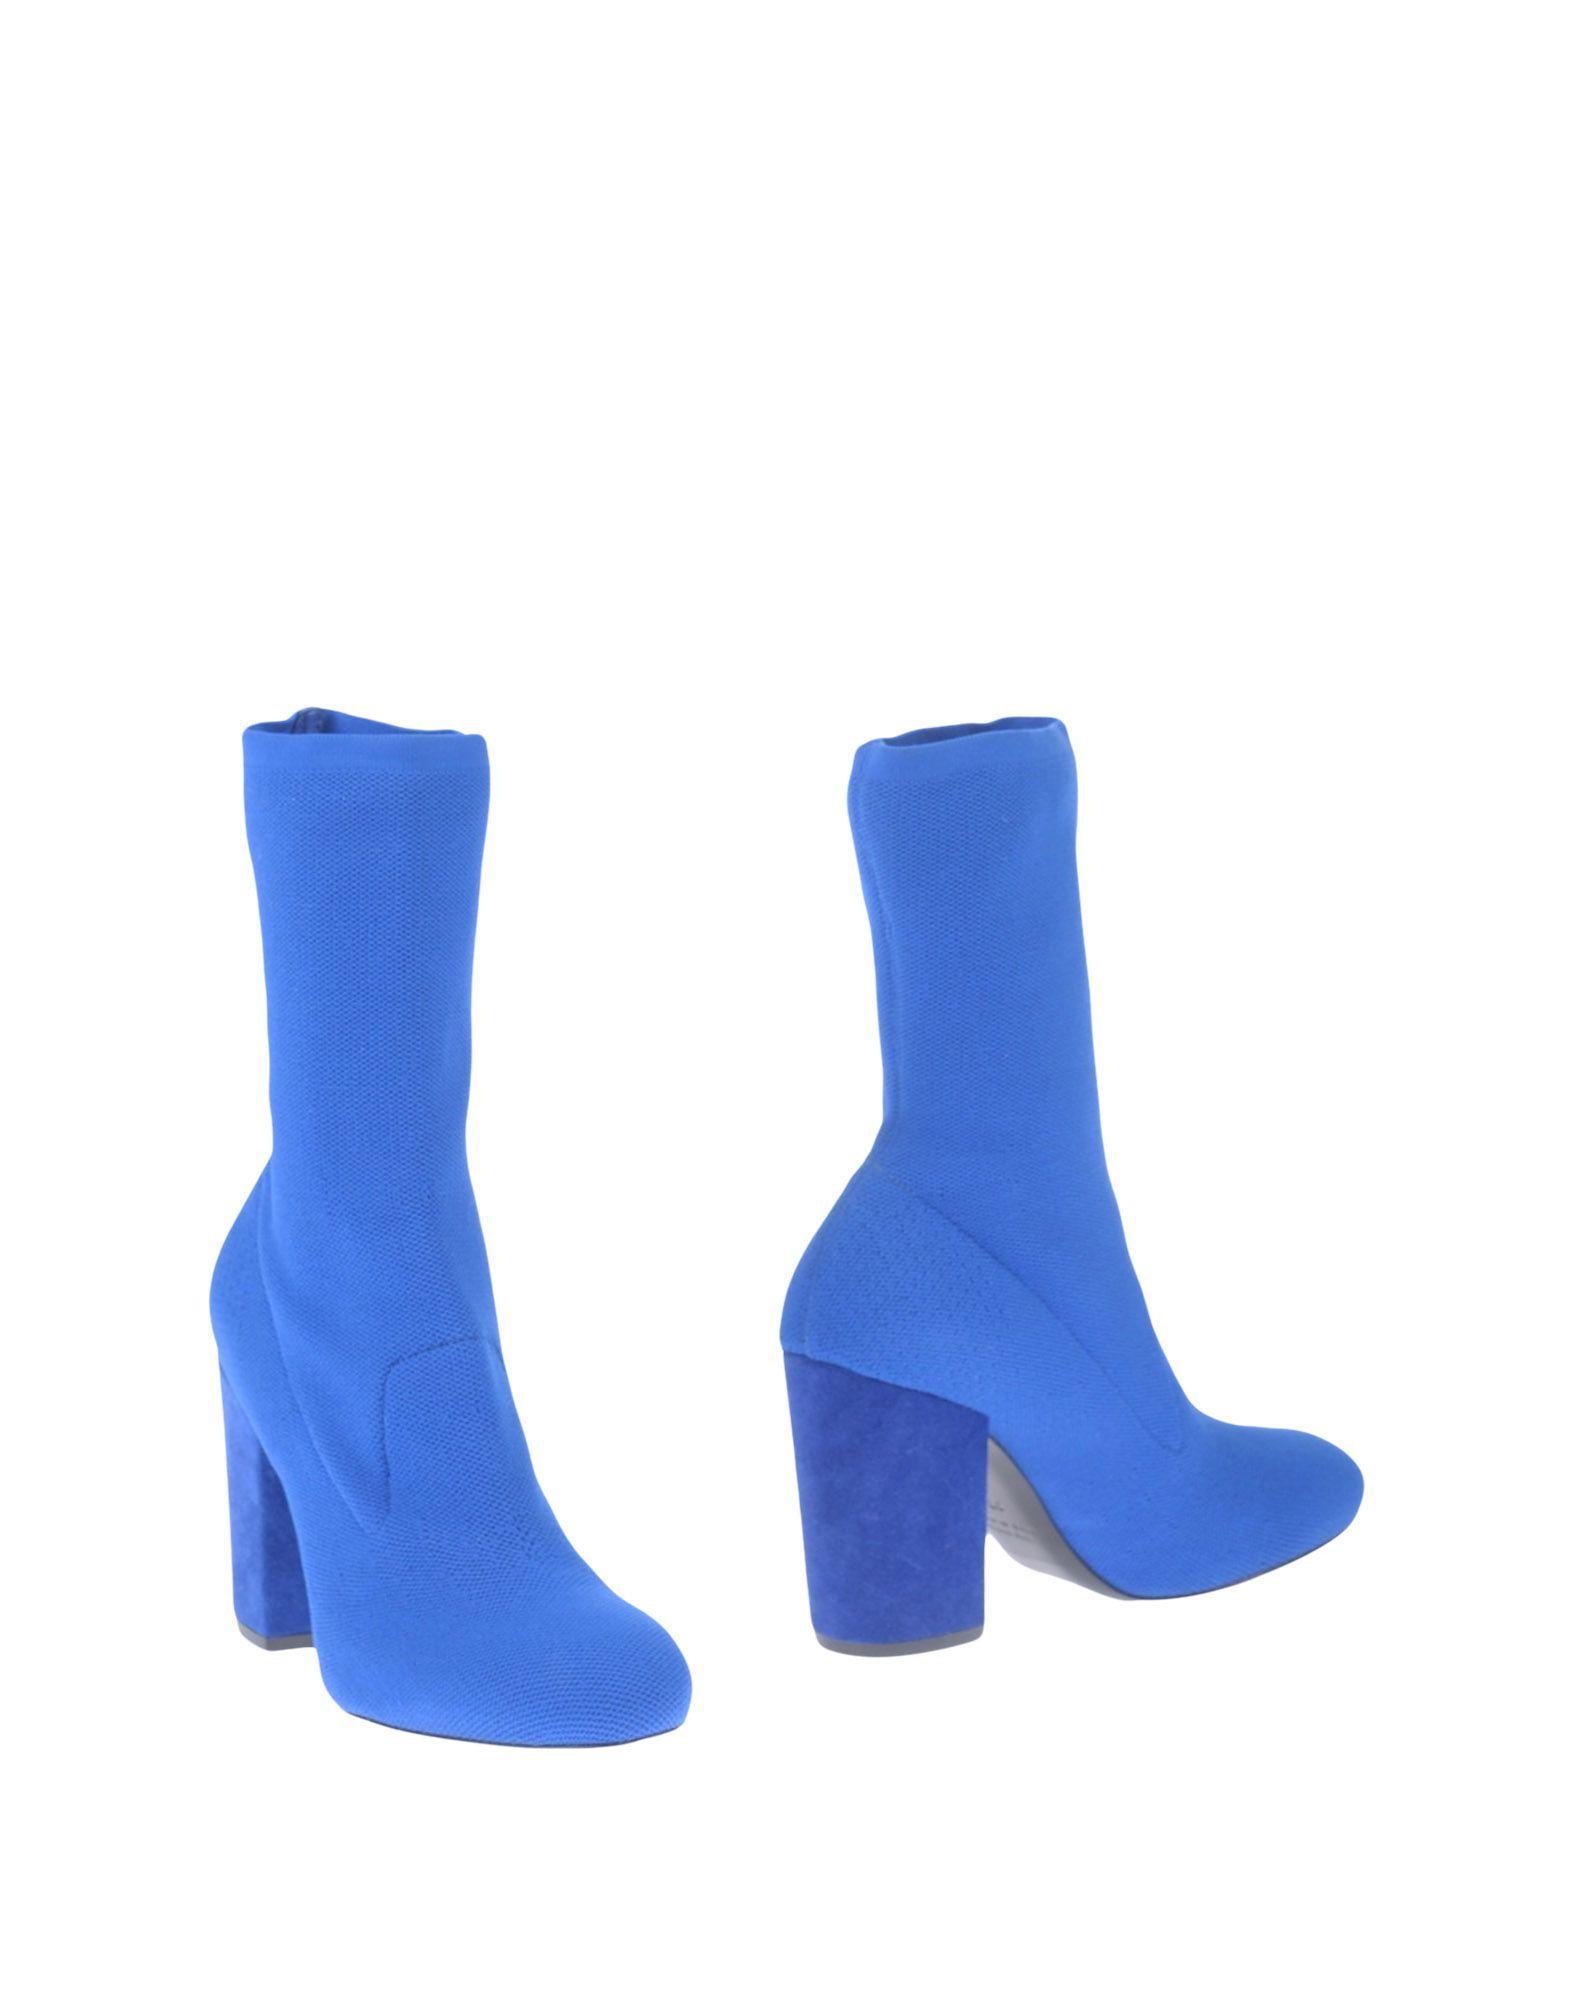 a615ba5df3c ELENA IACHI .  elenaiachi  shoes